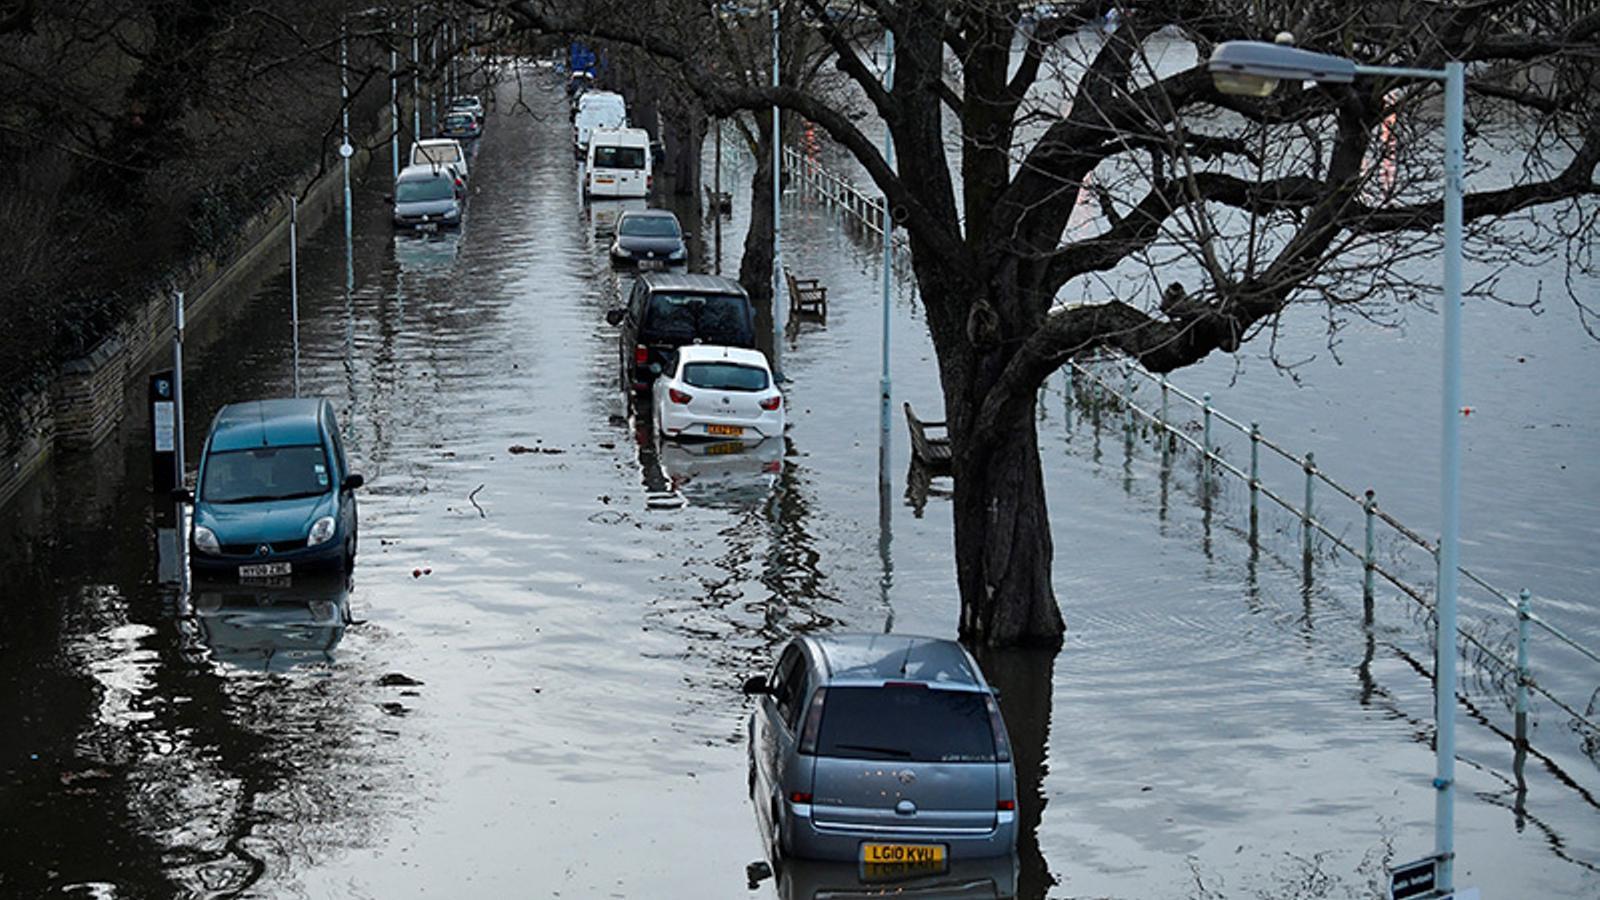 Cotxes envoltats d'aigua aquest dimecres a la riba del Tàmesi, a Londres